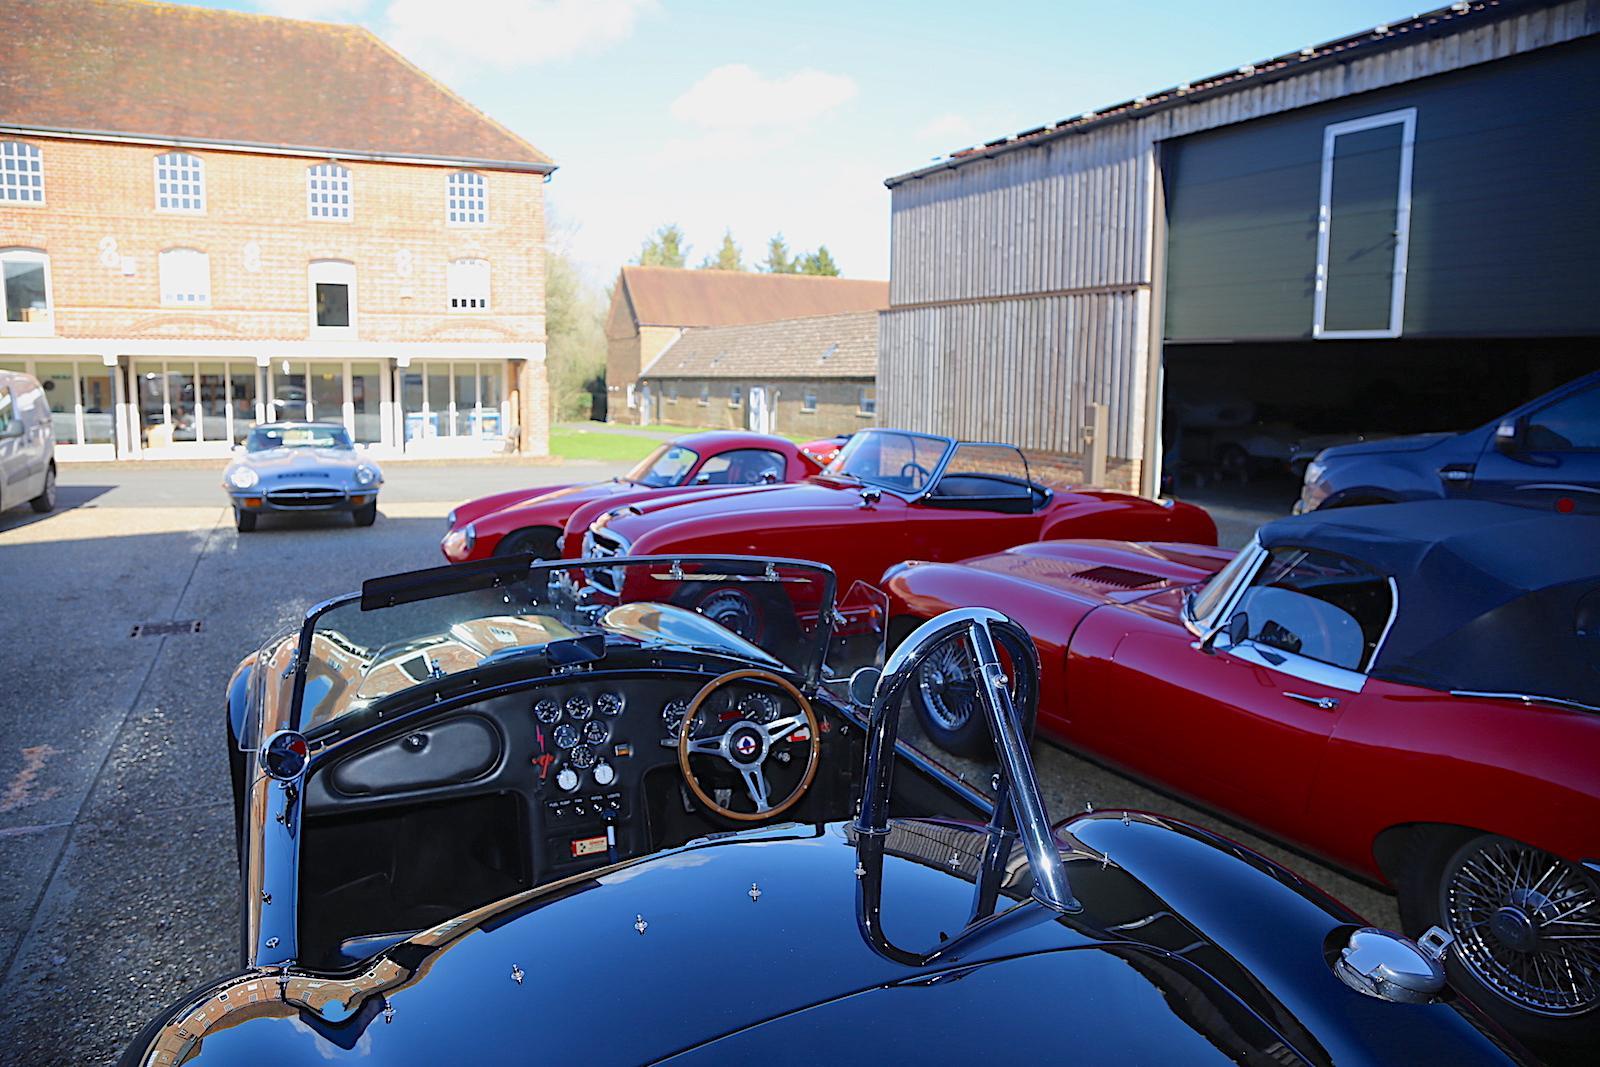 Insider: Jaguar specialist E-type UK | Autoclassics.com